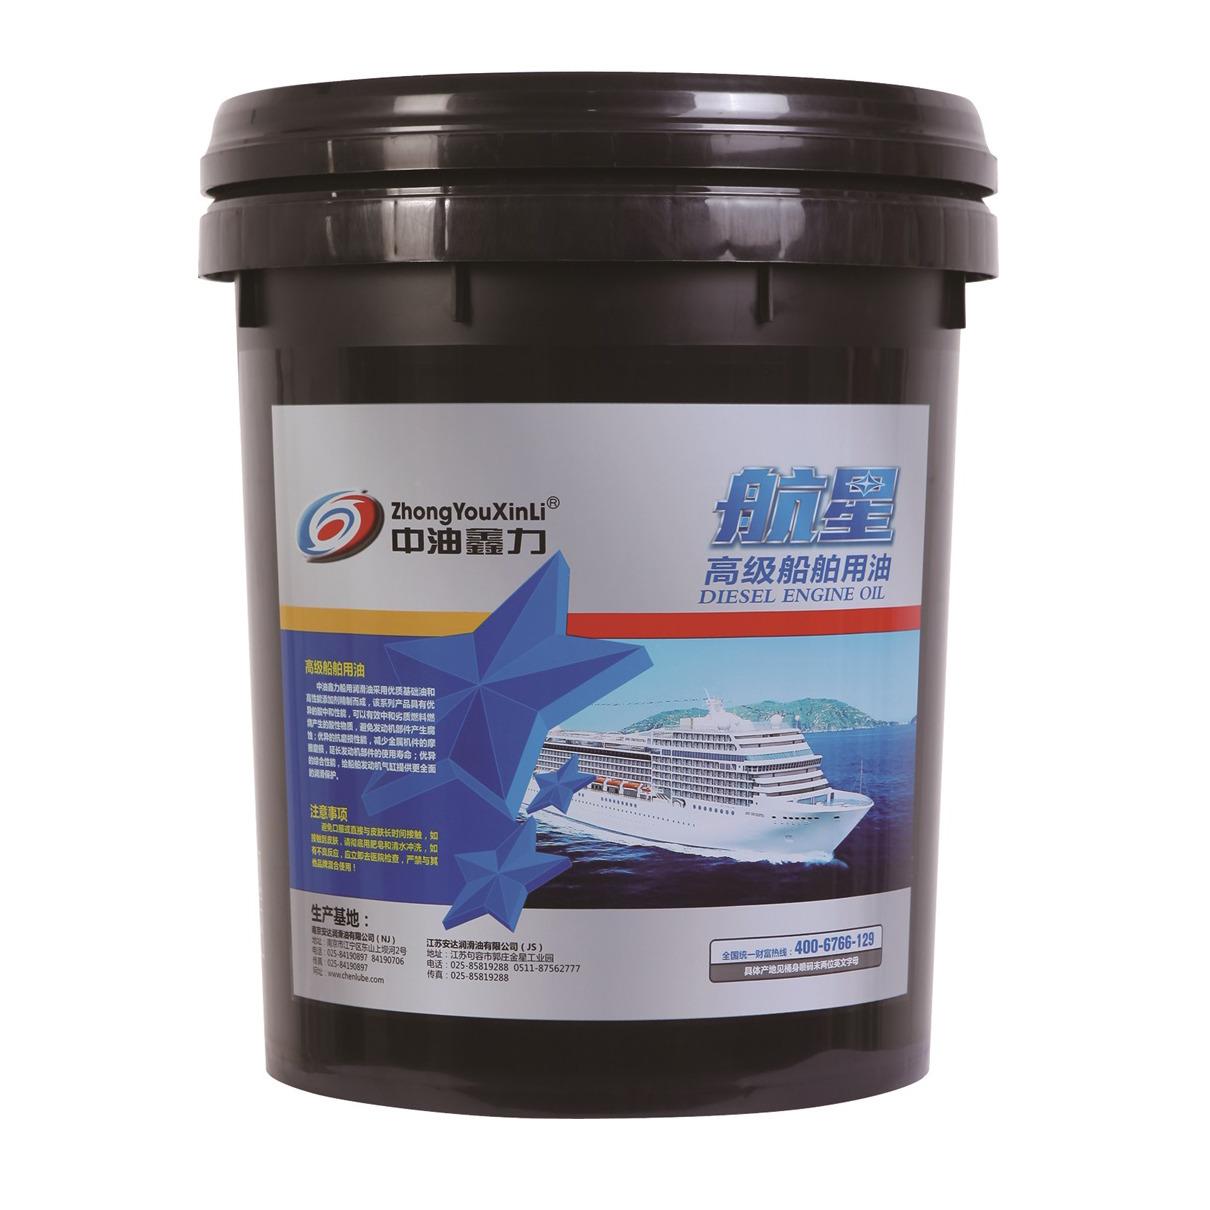 江苏安达润滑油 中油鑫力 航星高级船舶用油CD CF-4